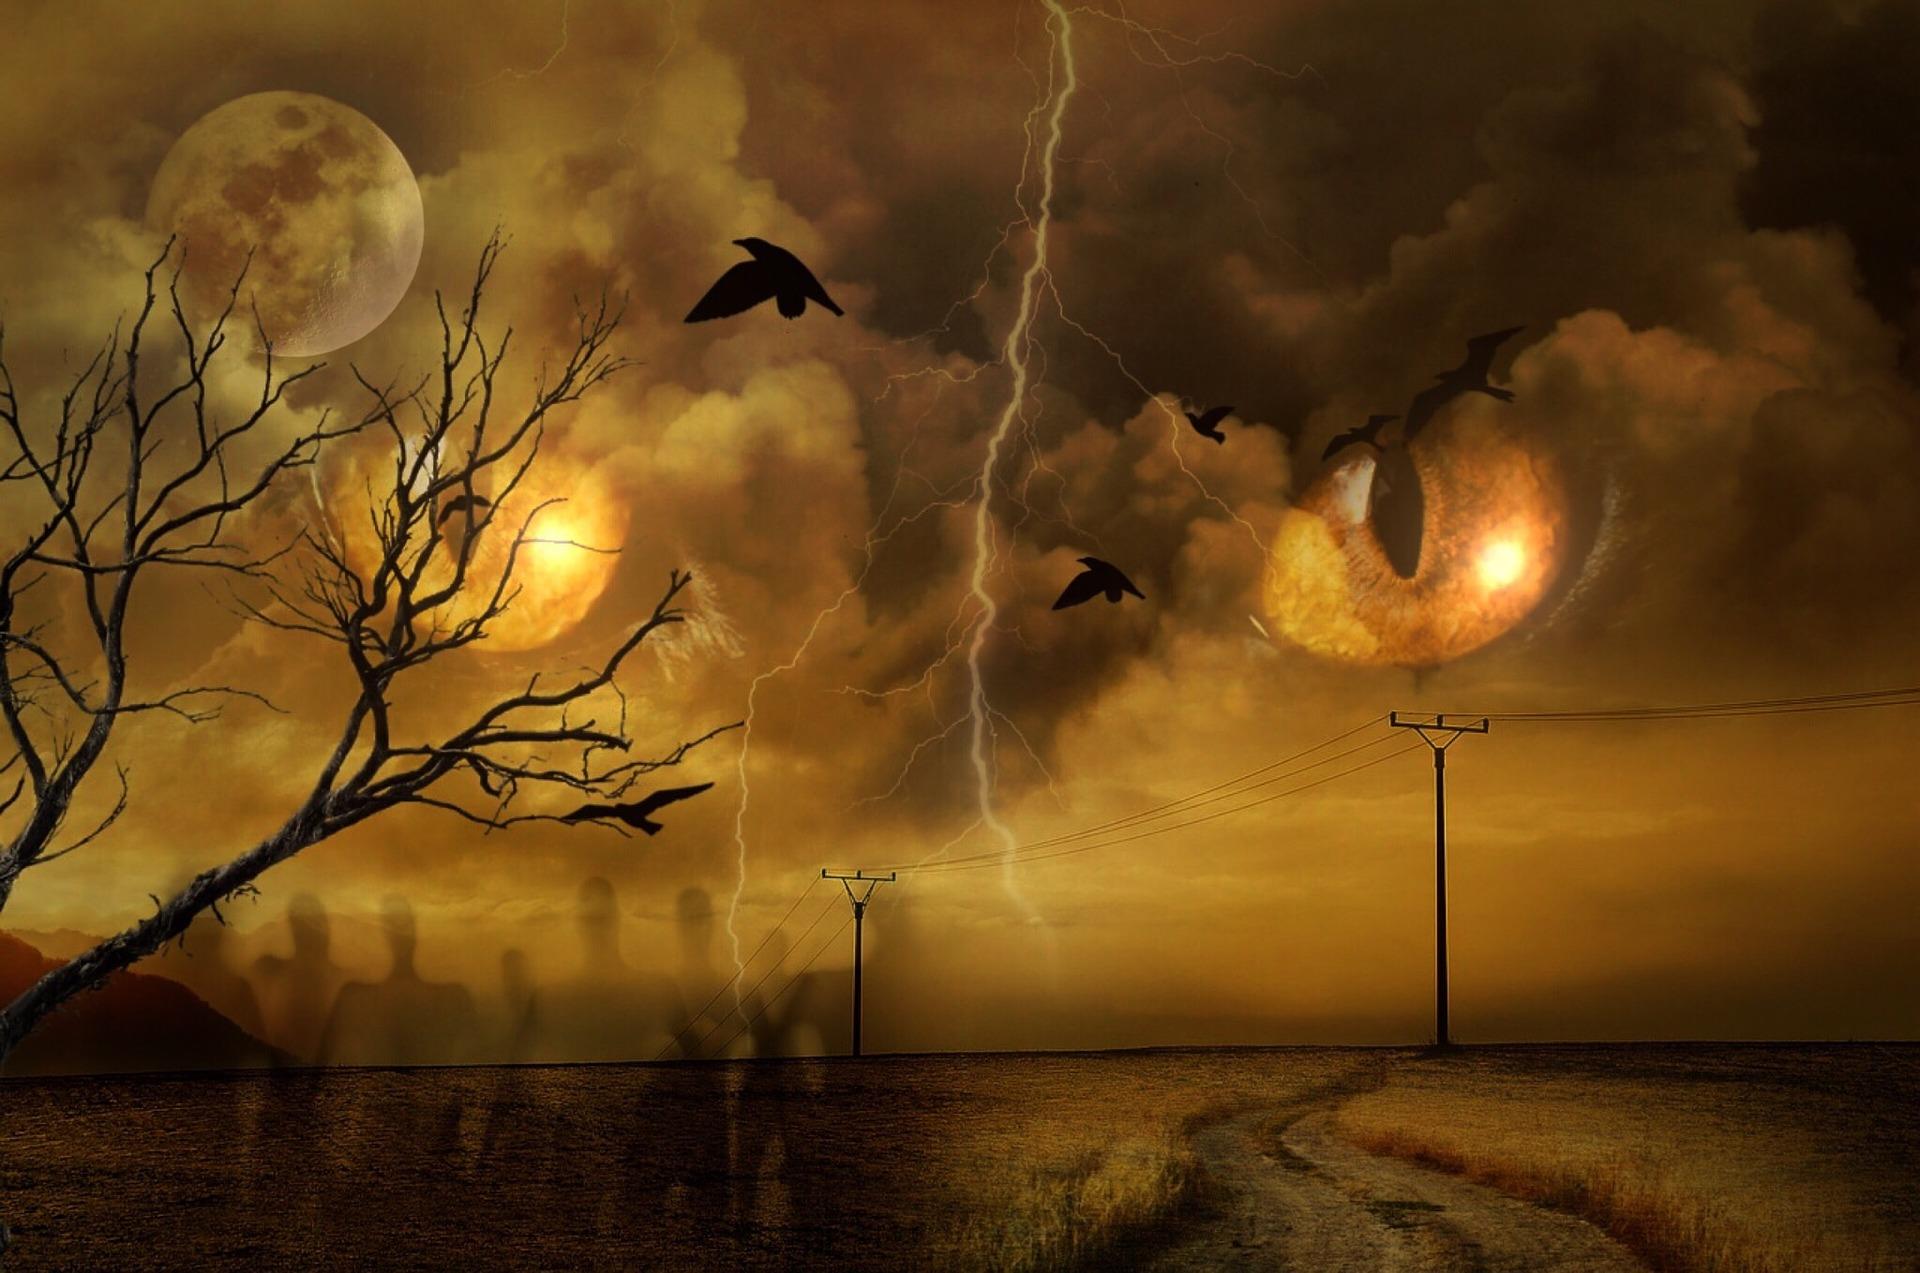 Apocalyptic Dream